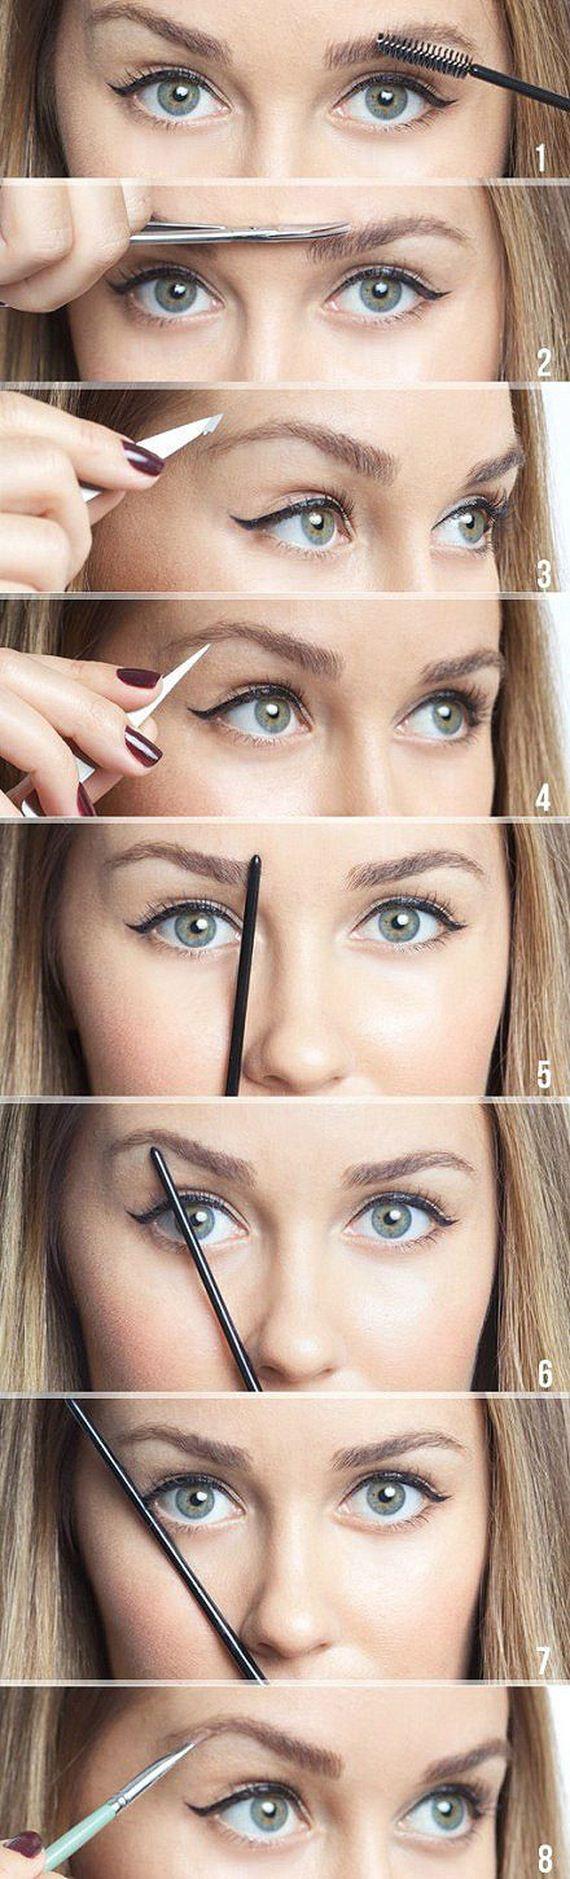 05-pretty-eye-brows